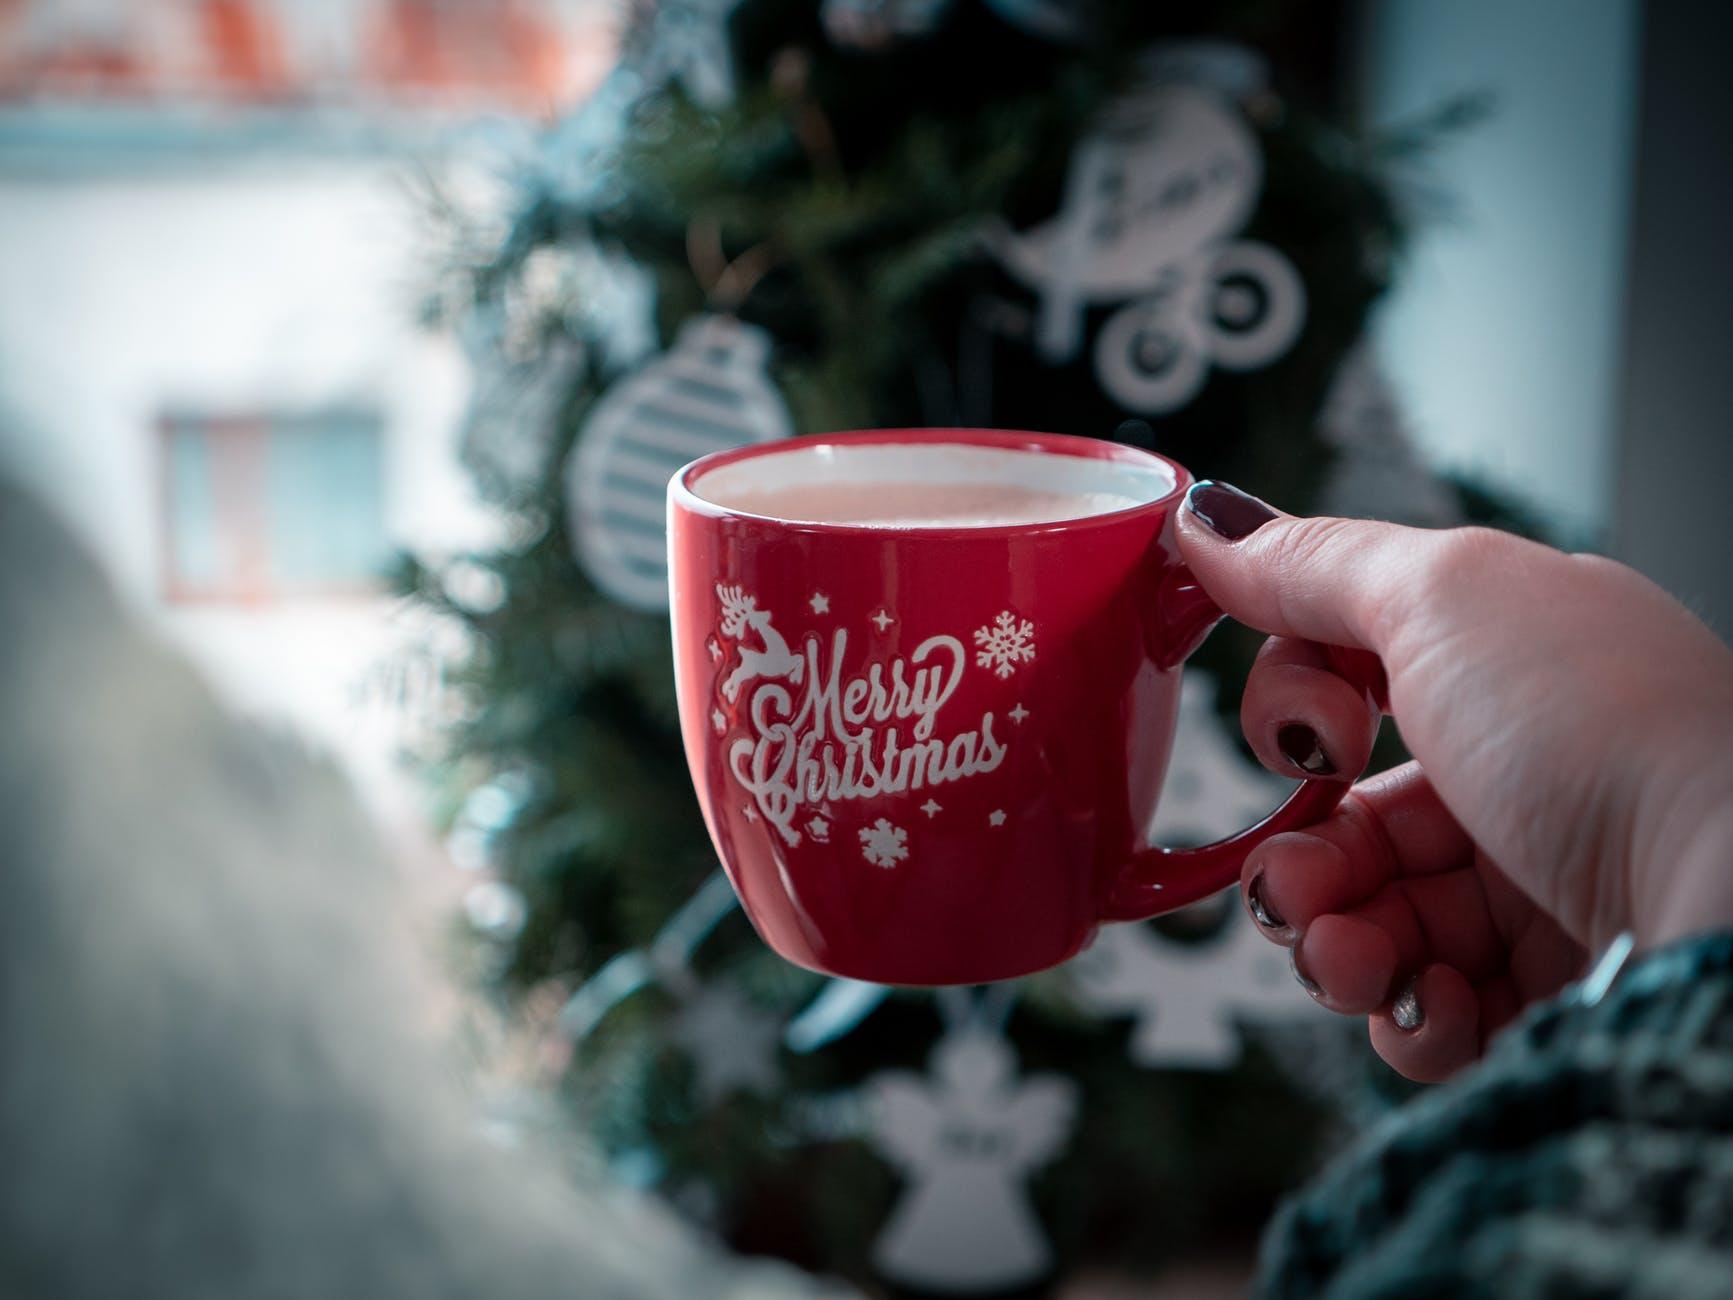 red merry christmas printed mug